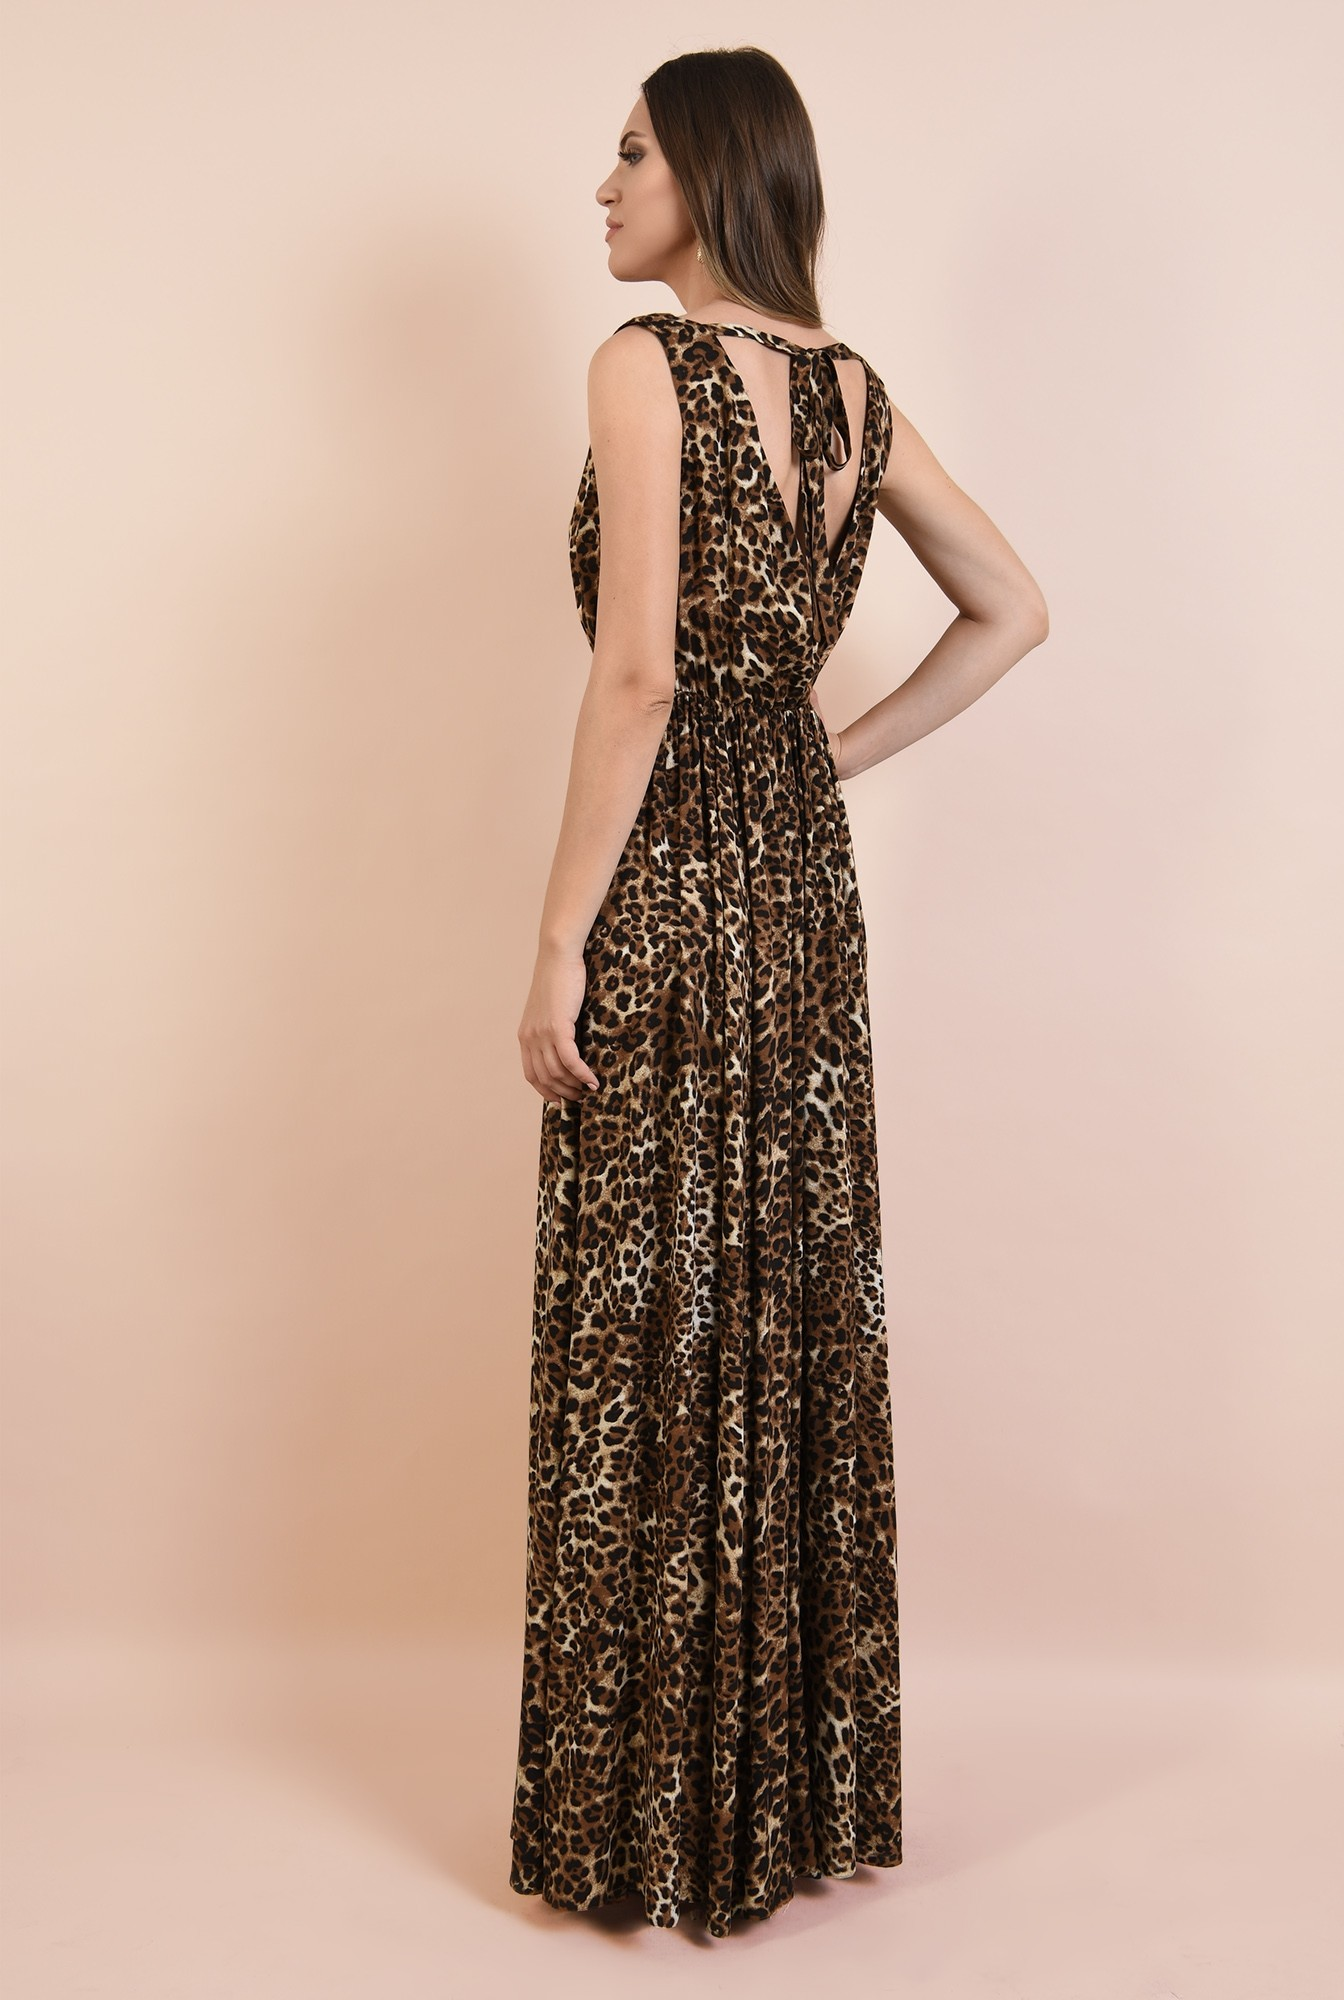 1 - 360 - rochie de seara, lunga, cu slit, animal print, decolteu anchior, Poema